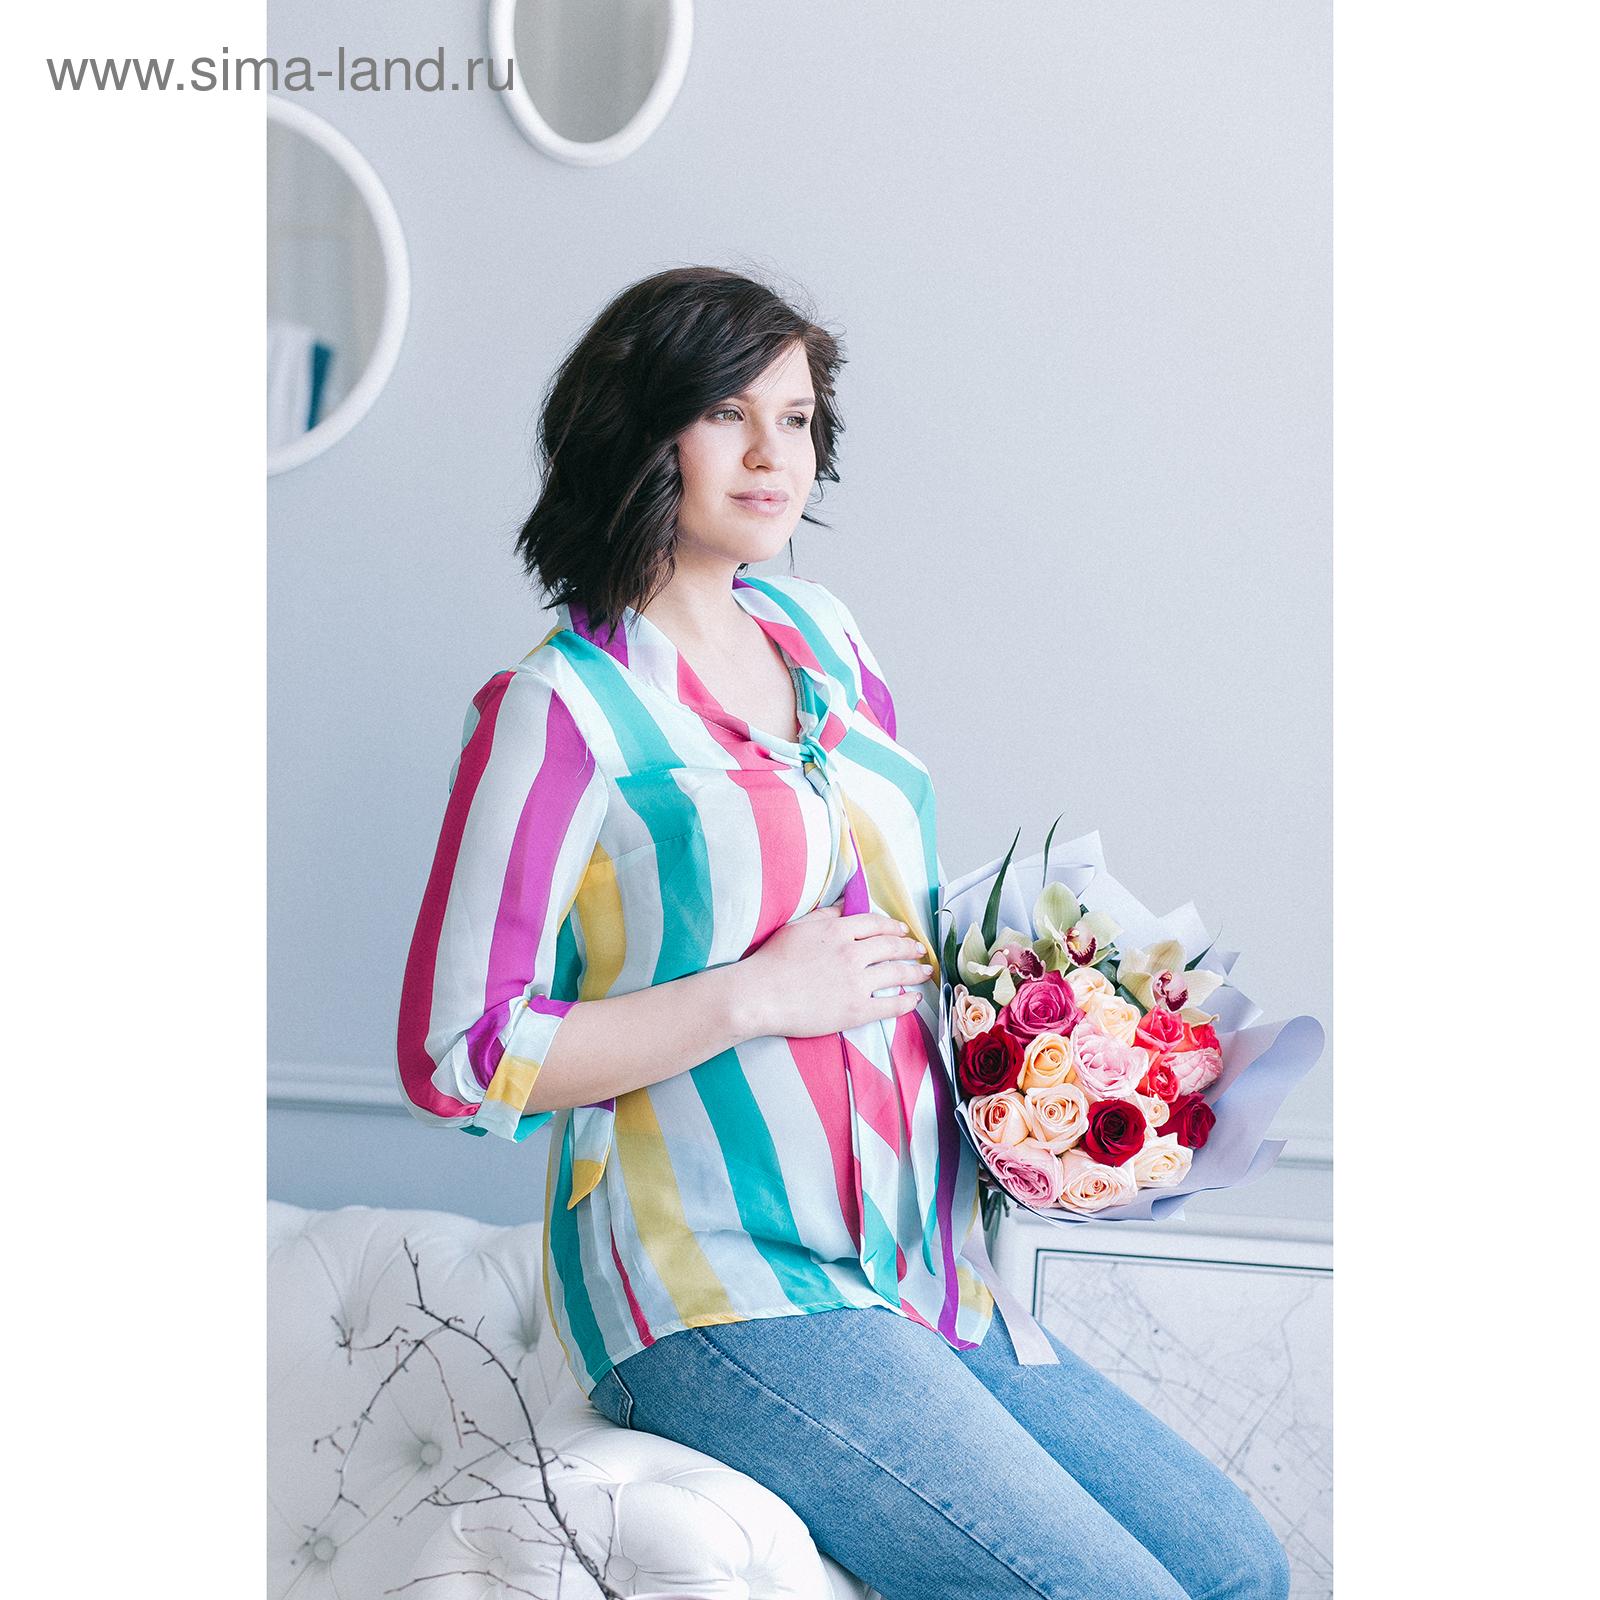 256483dc87ea Блузка для беременных 2207, цвет в полоску, размер 46, рост 170 ...